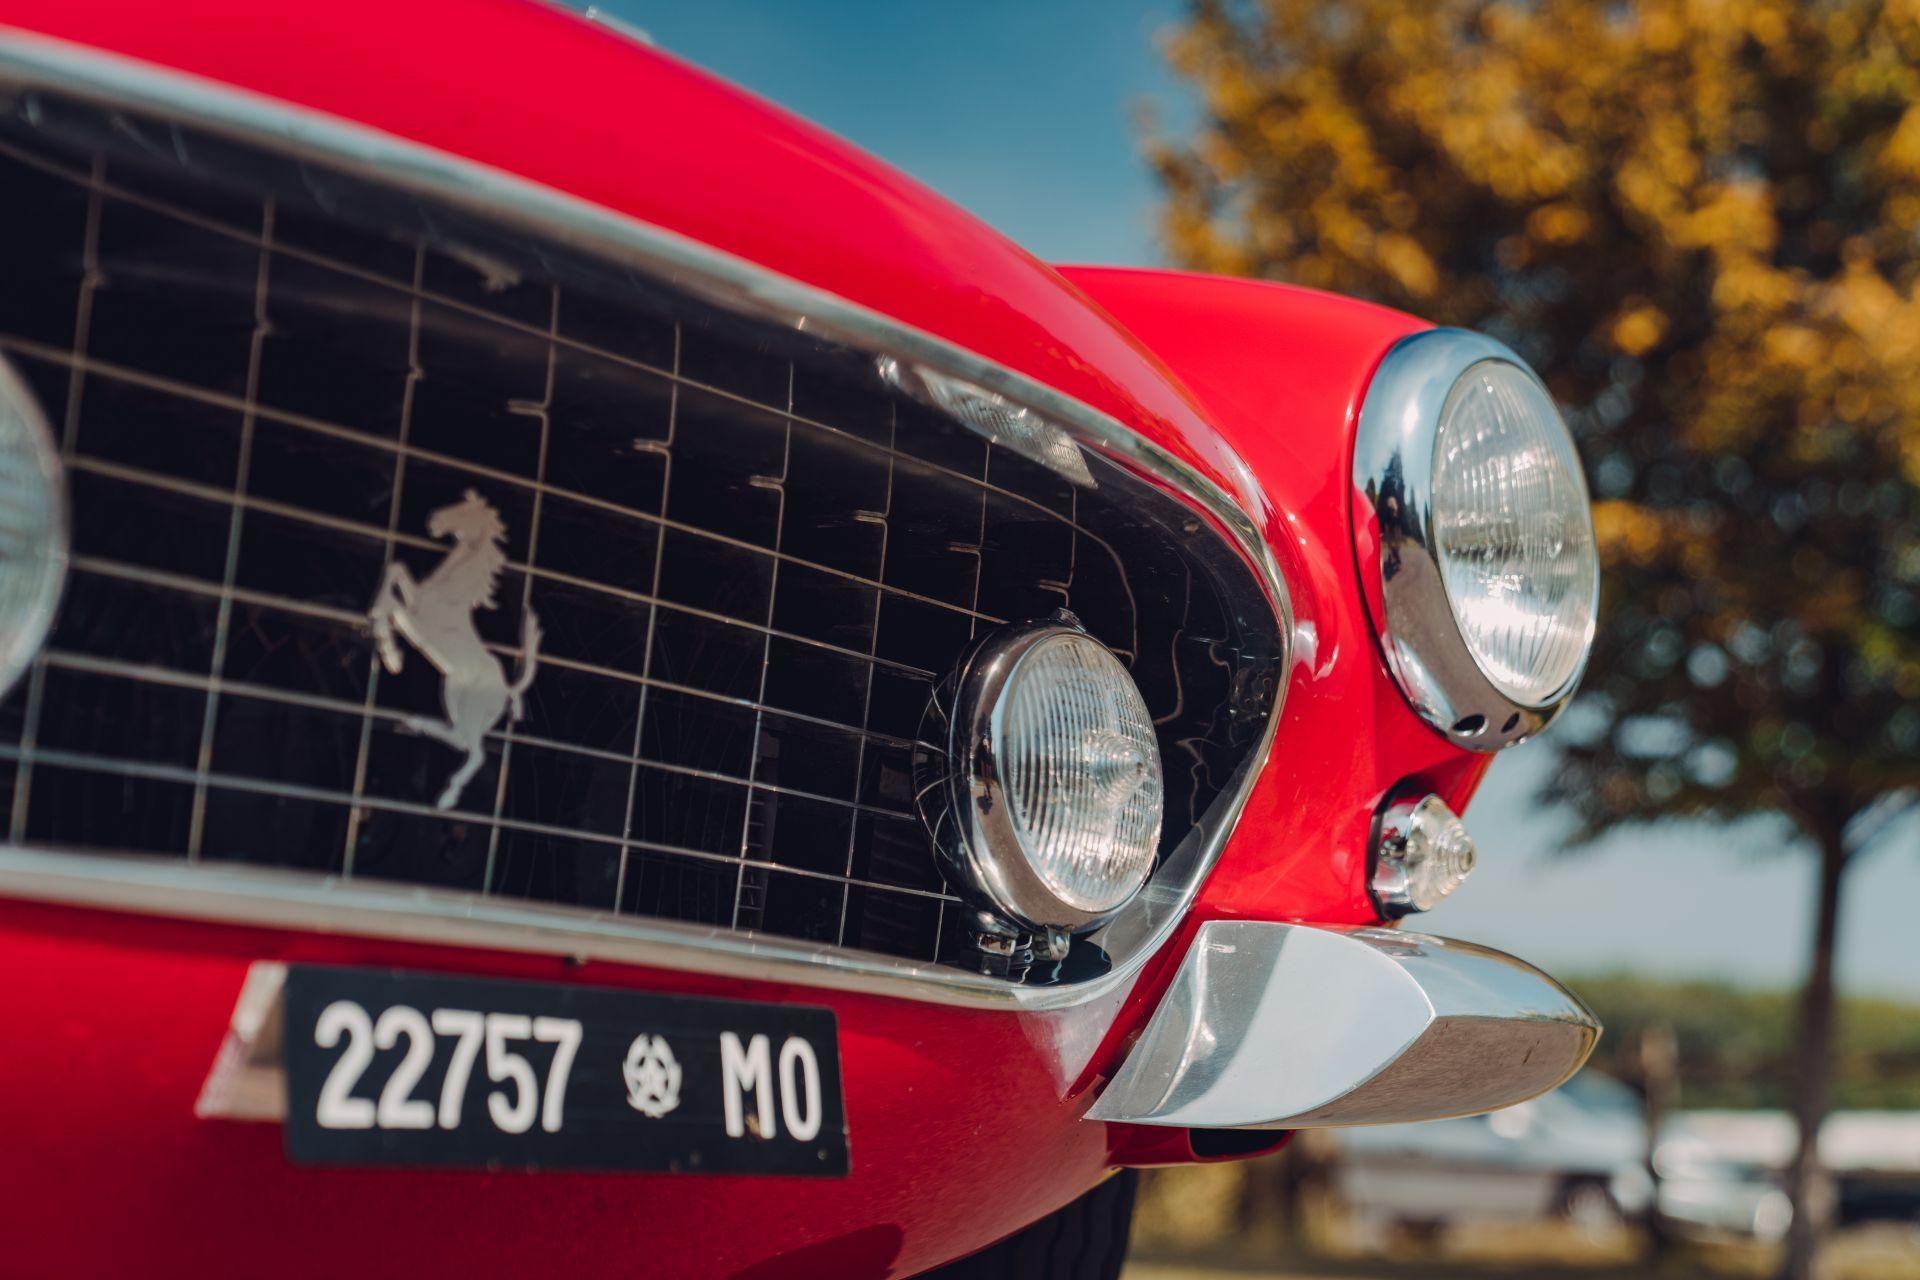 Ferrari-250-GT-SWB-Berlinetta-Competizione-Revival-by-GTO-Engineering-37